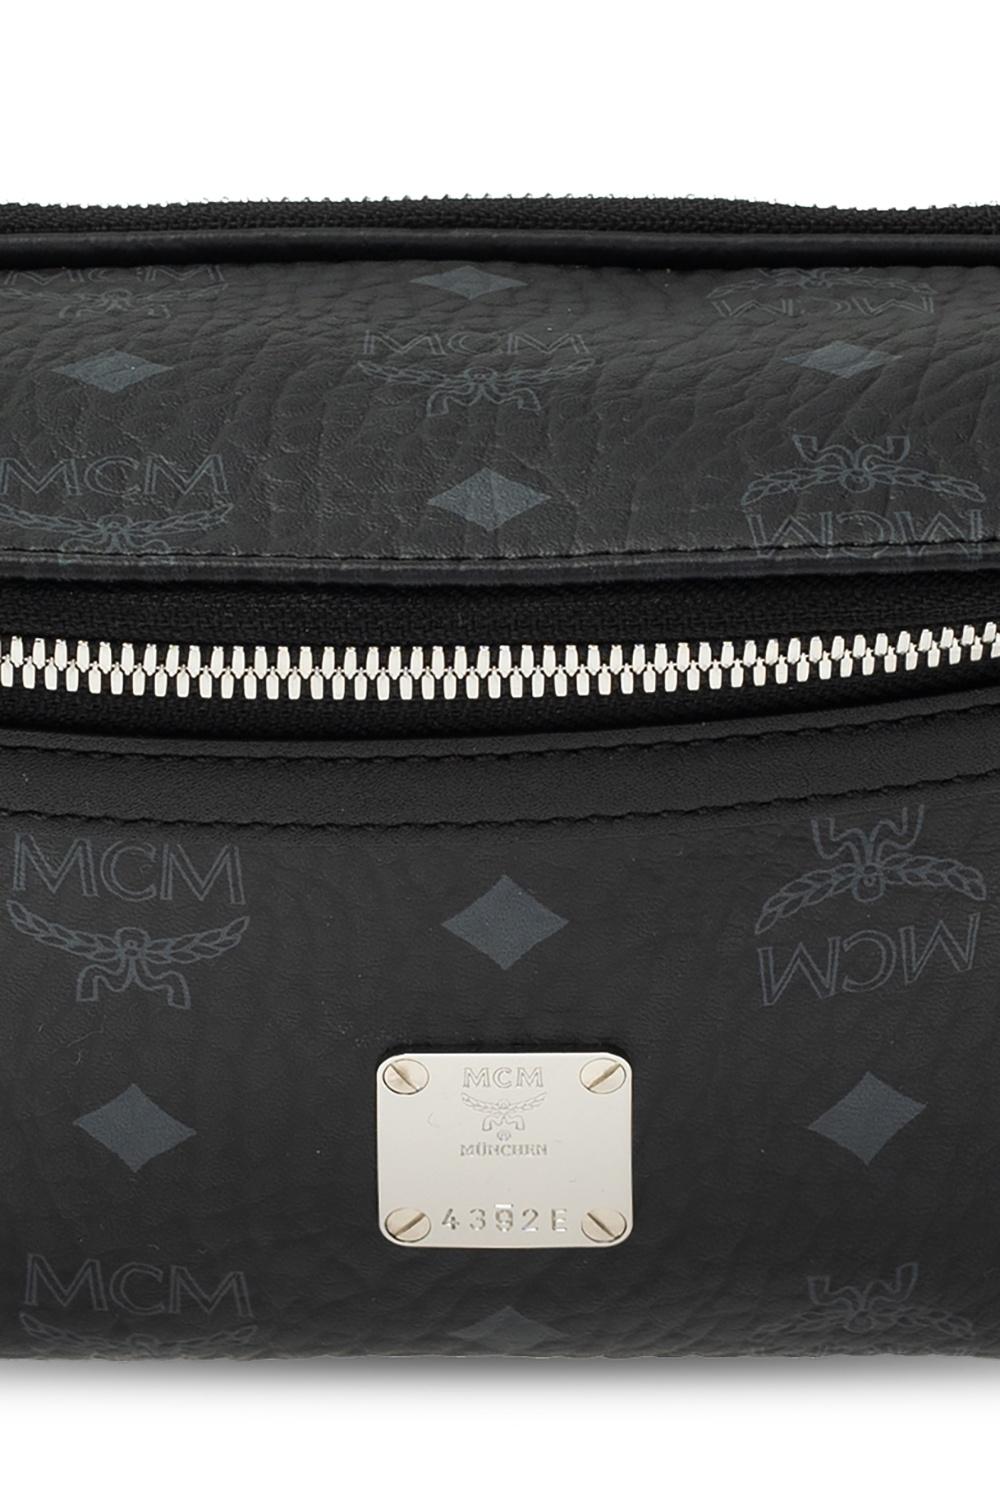 MCM Logo belt bag